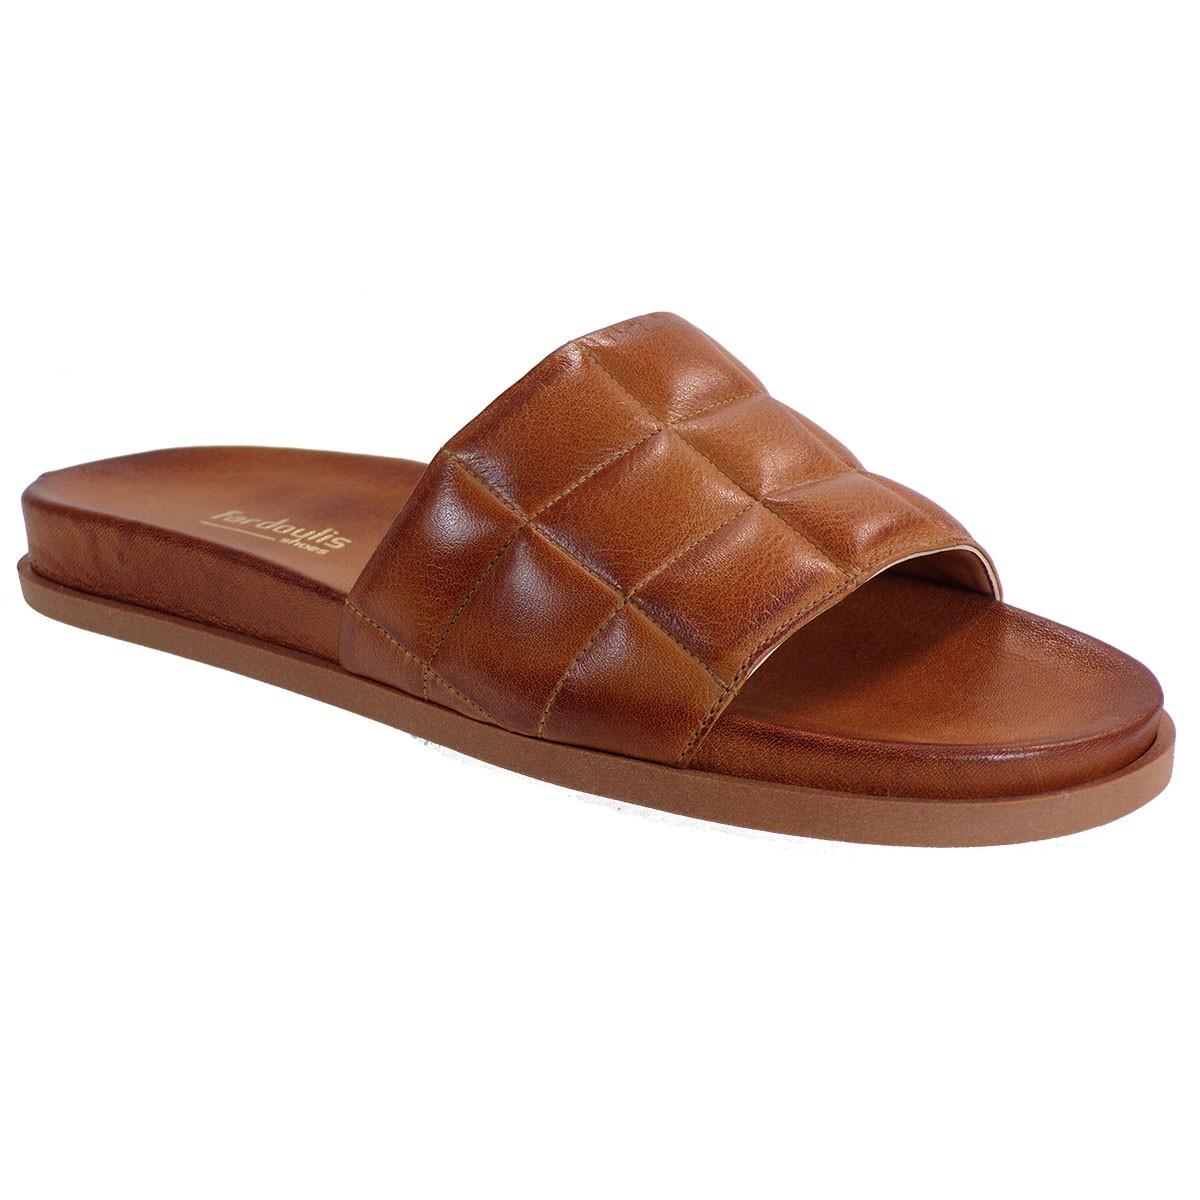 Fardoulis shoes Γυναικείες Παντόφλες 111-47 Ταμπά Δέρμα